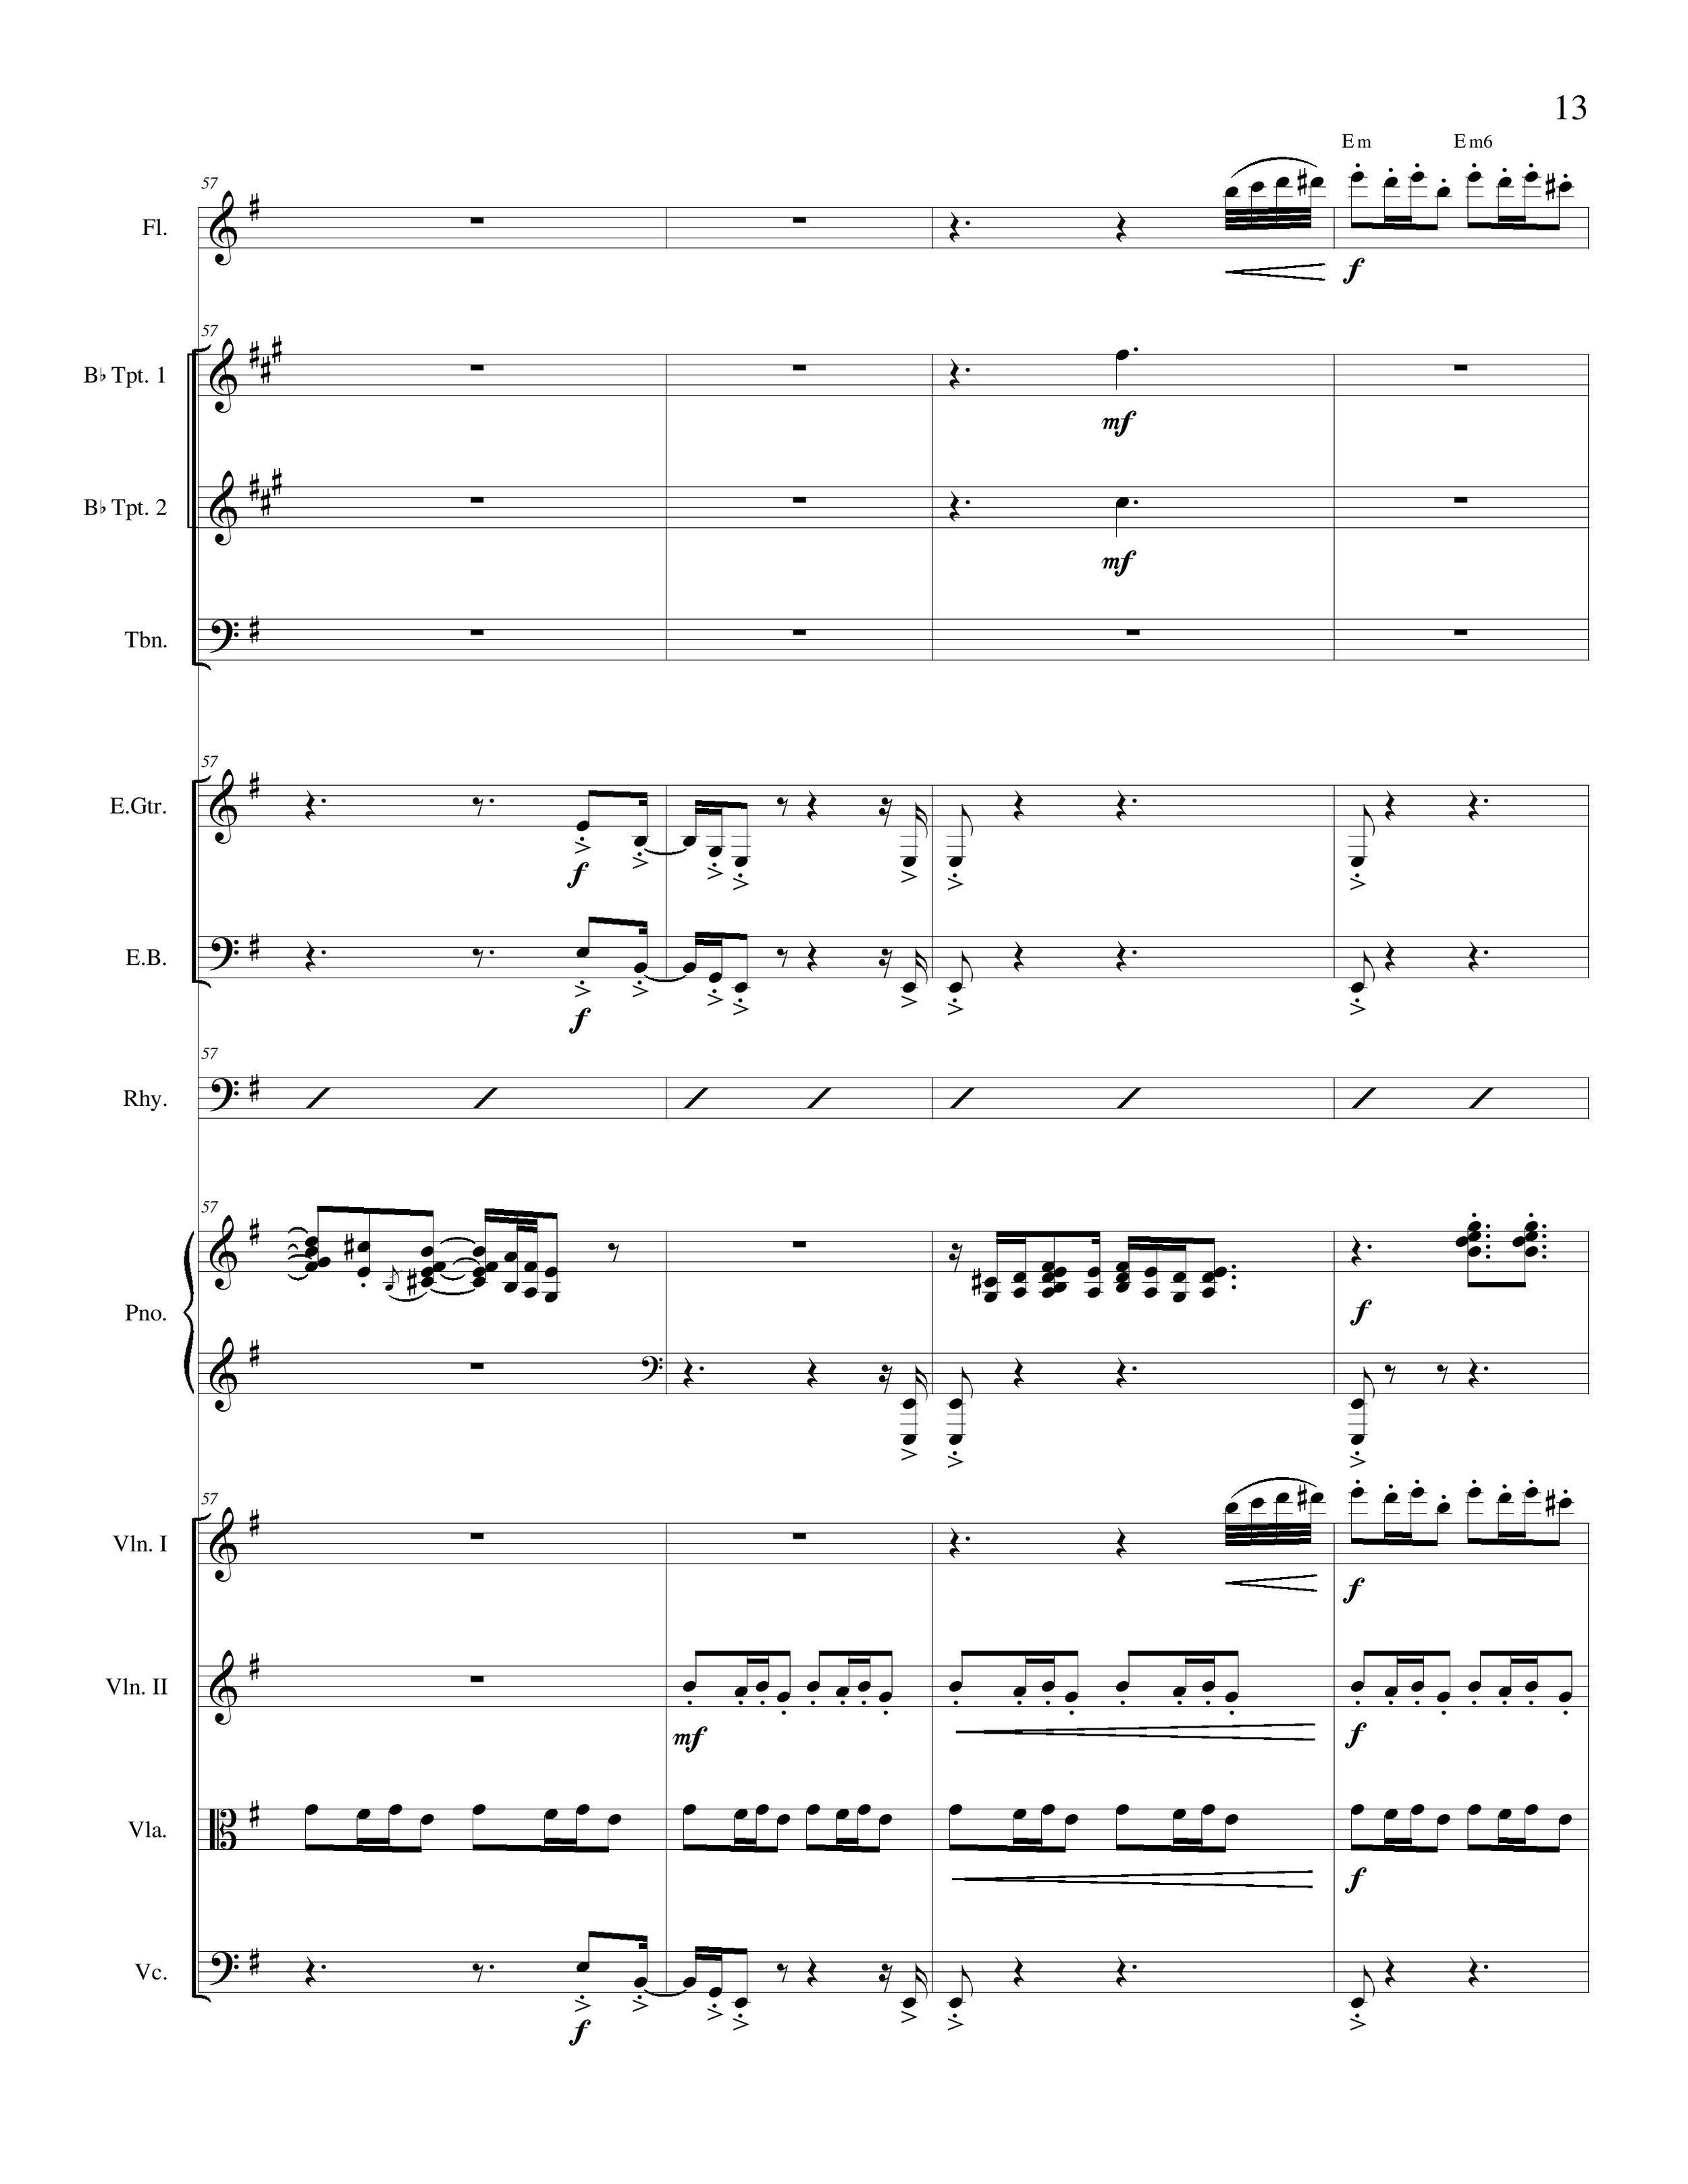 Christmas Overture - Score_13.jpg